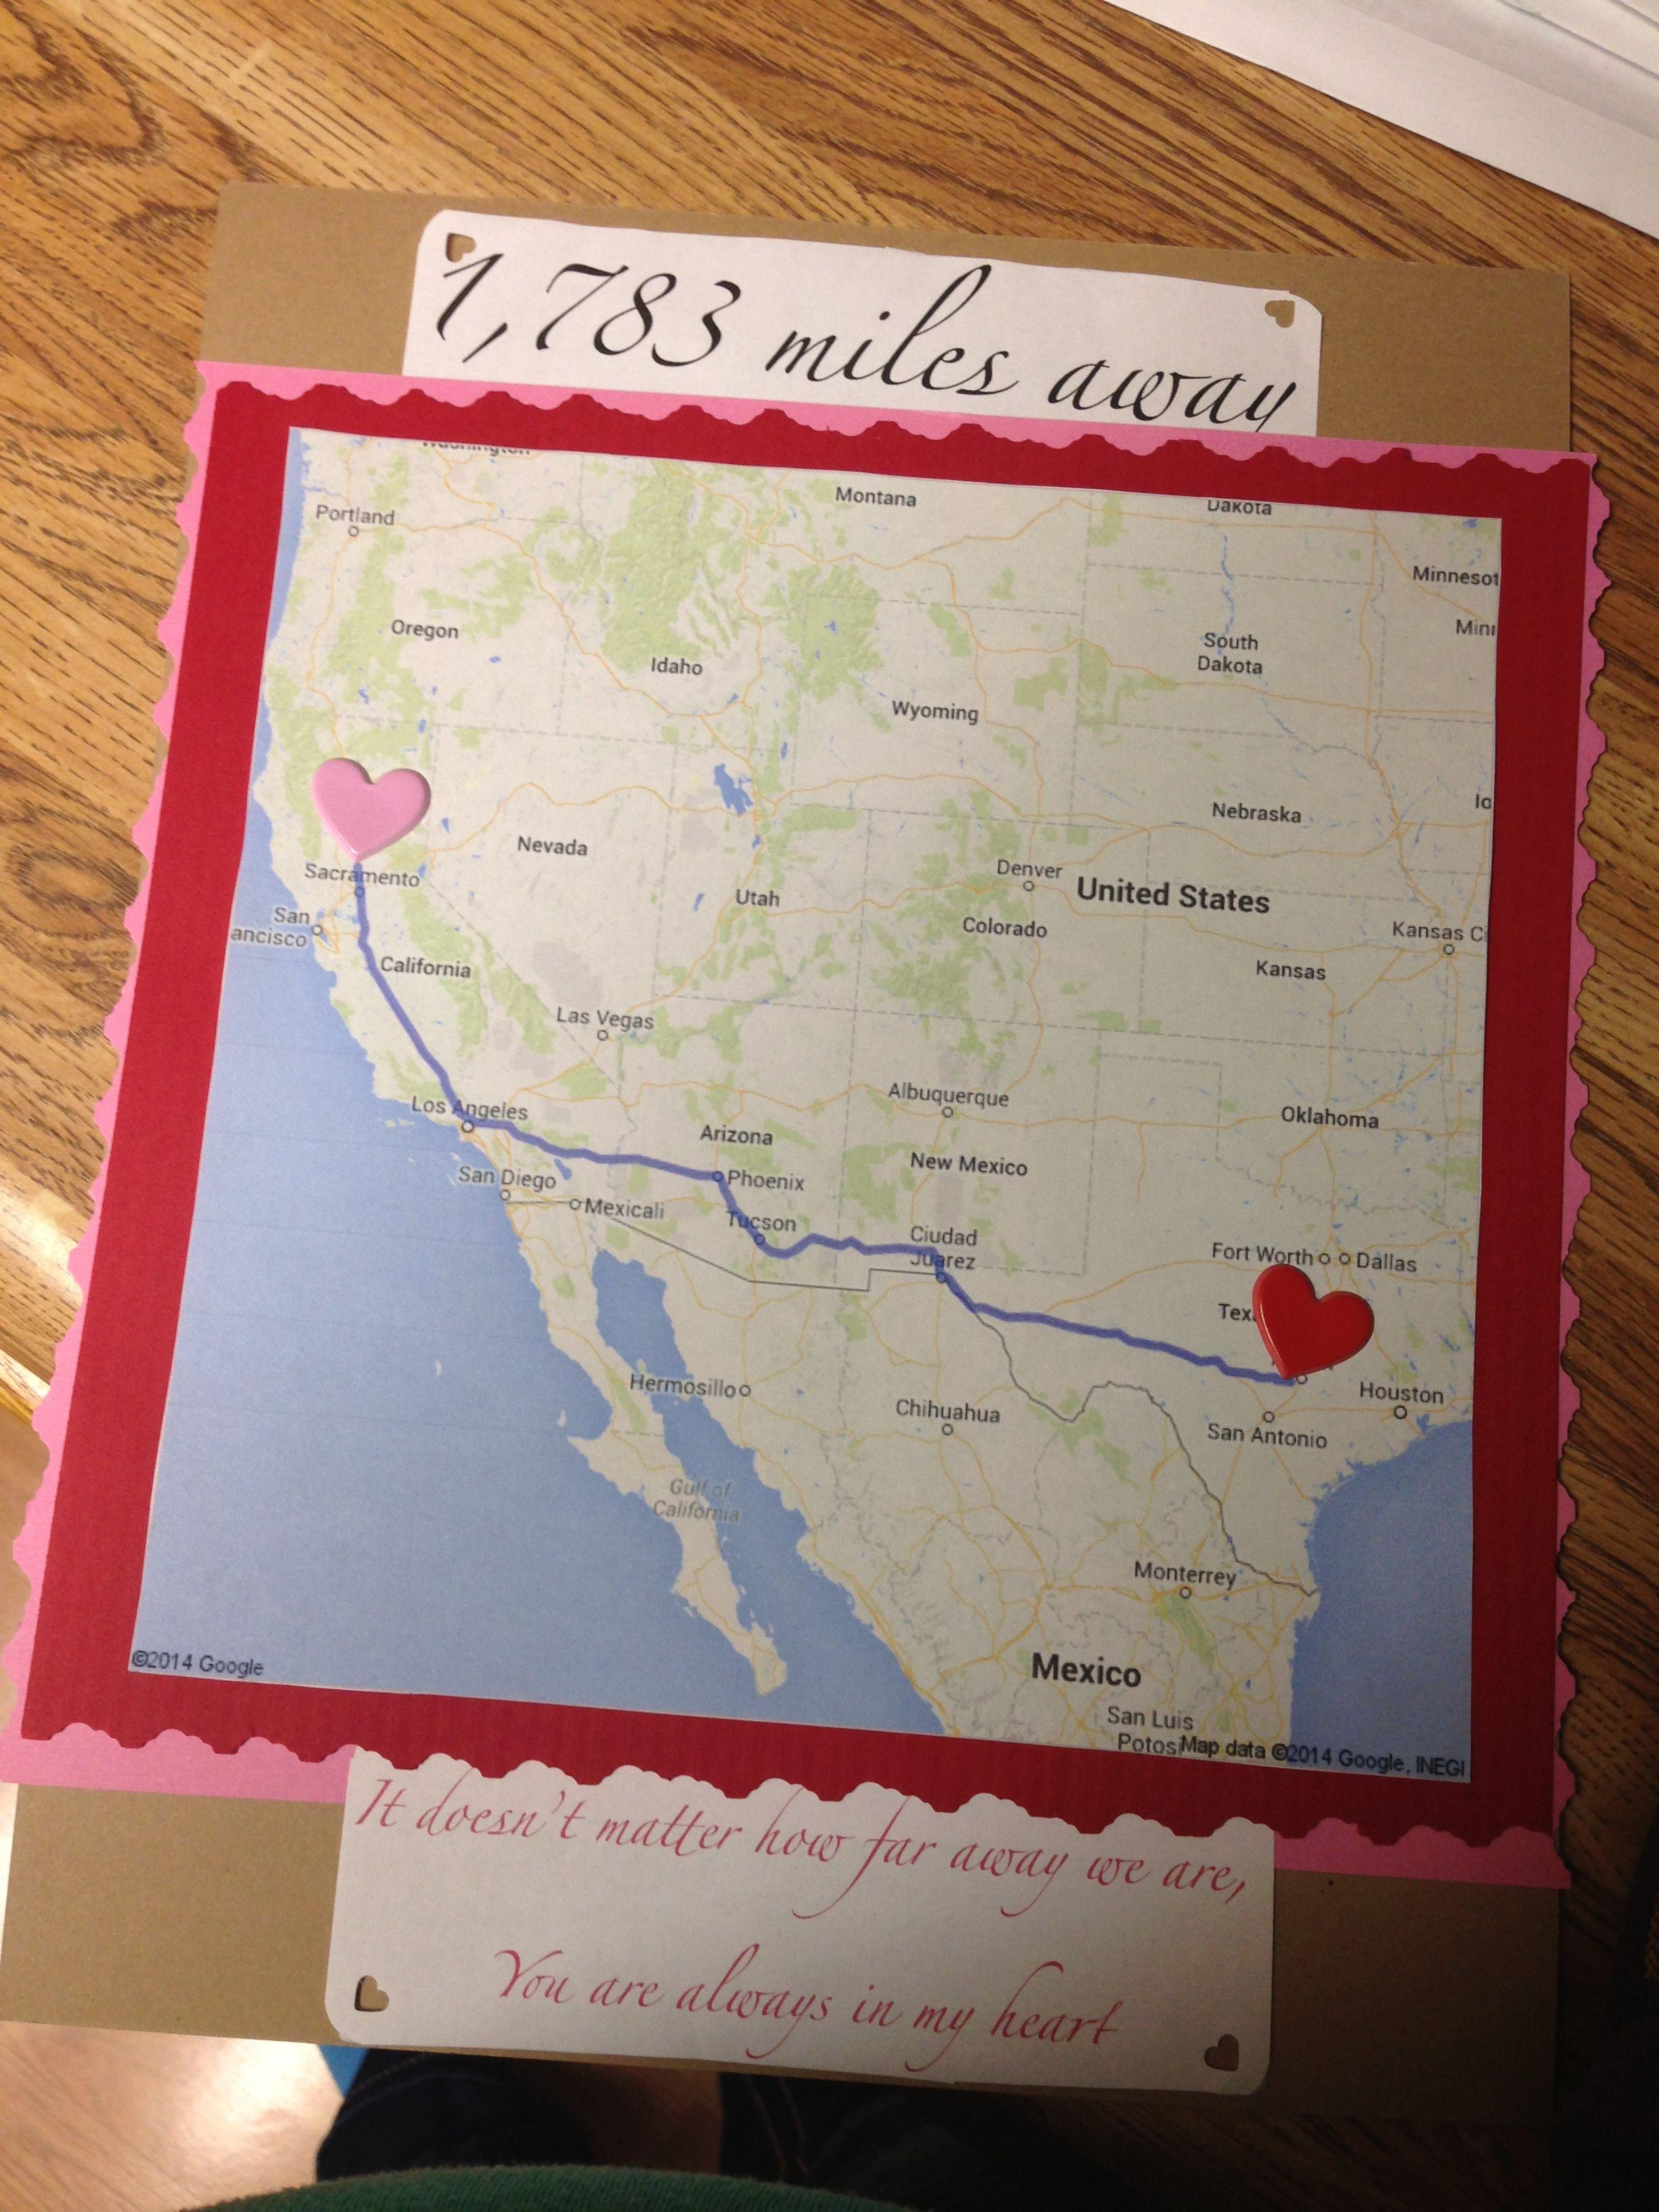 1,735miles long distance gift ideas. hahaaaaaa Gambar